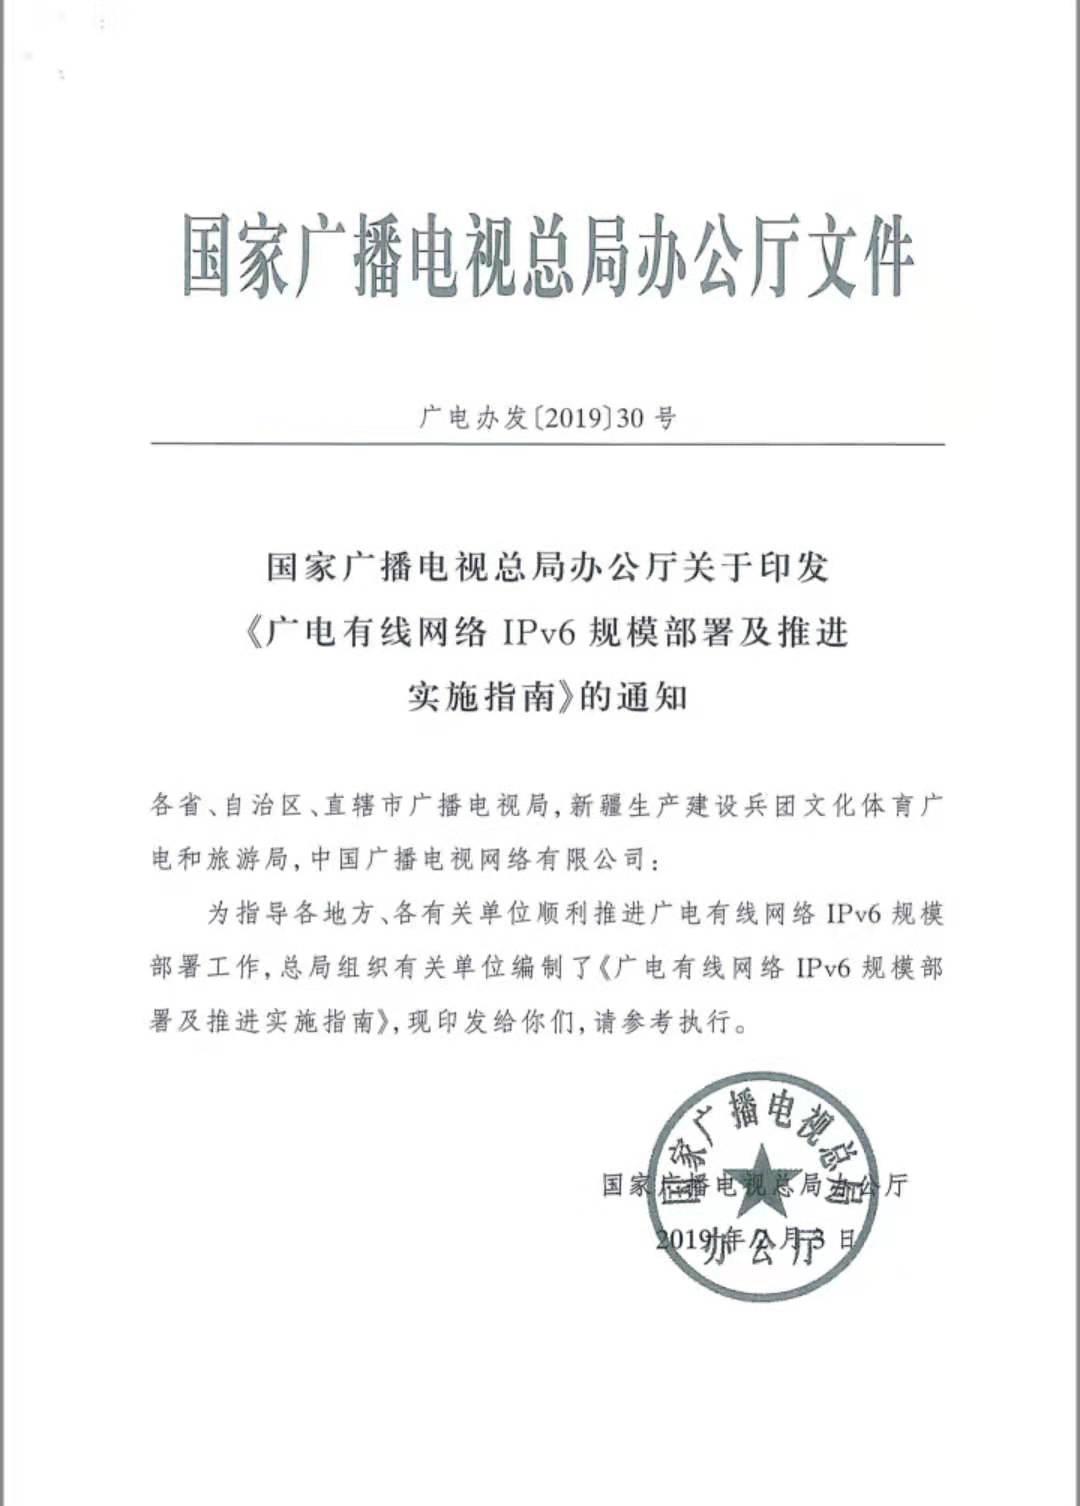 【全文】广电总局印发《广电<font color=